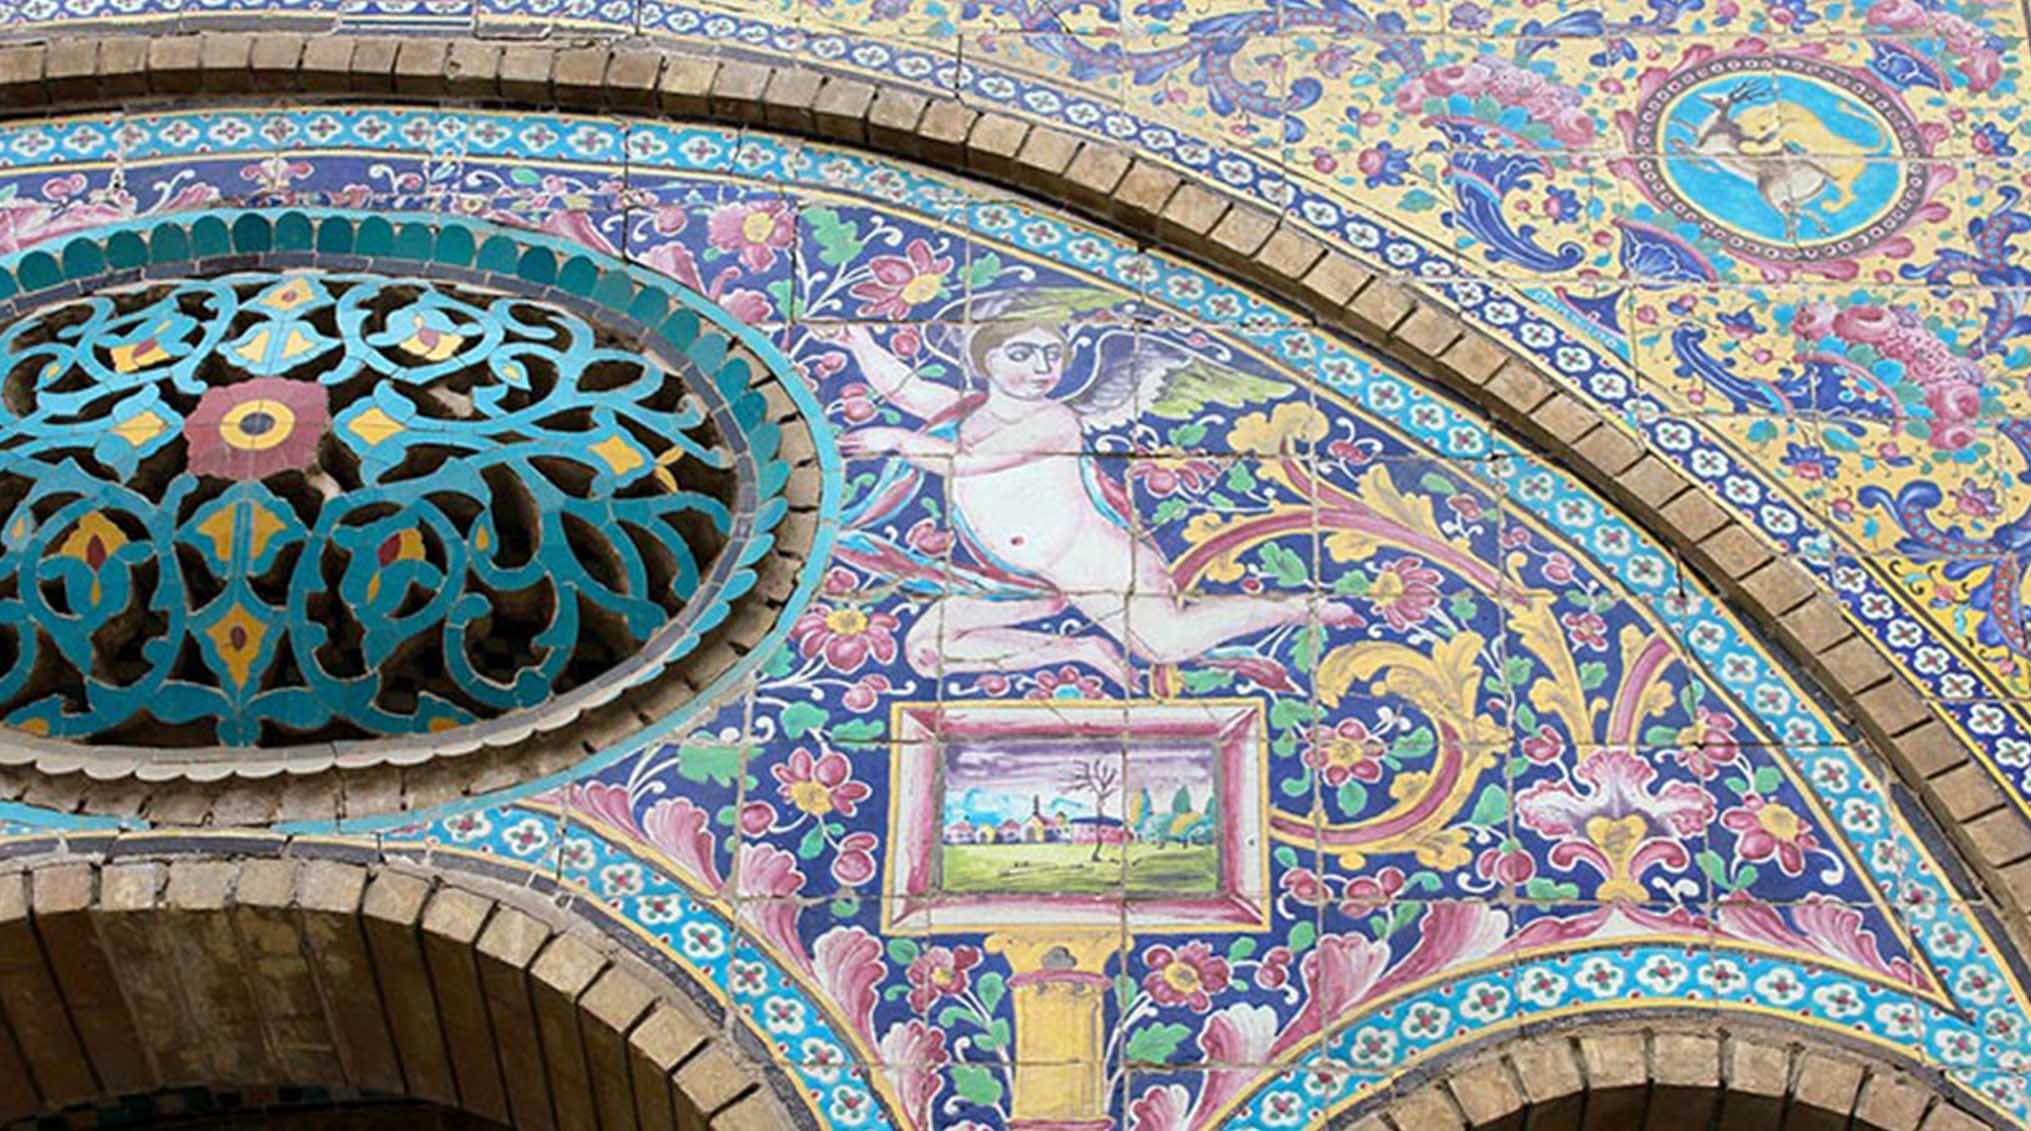 هنر کاشی و کاشی کاری در ایران